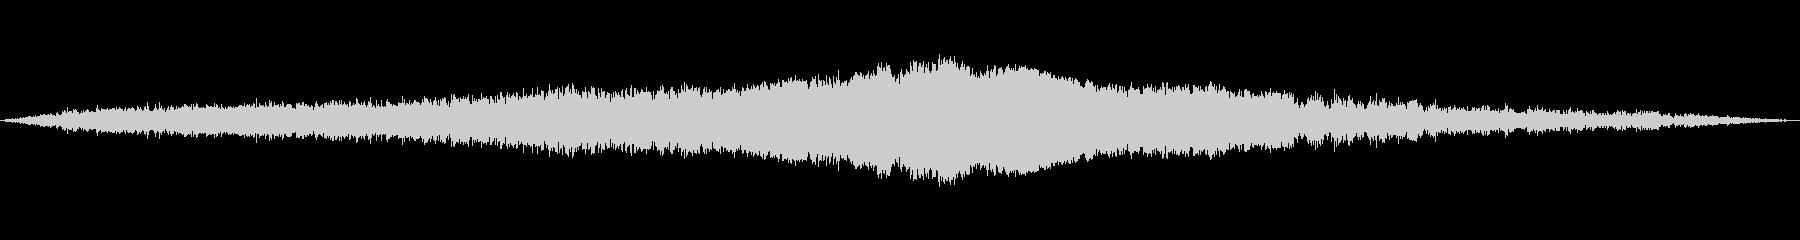 湖での通過、距離;ヴィンテージ録音...の未再生の波形